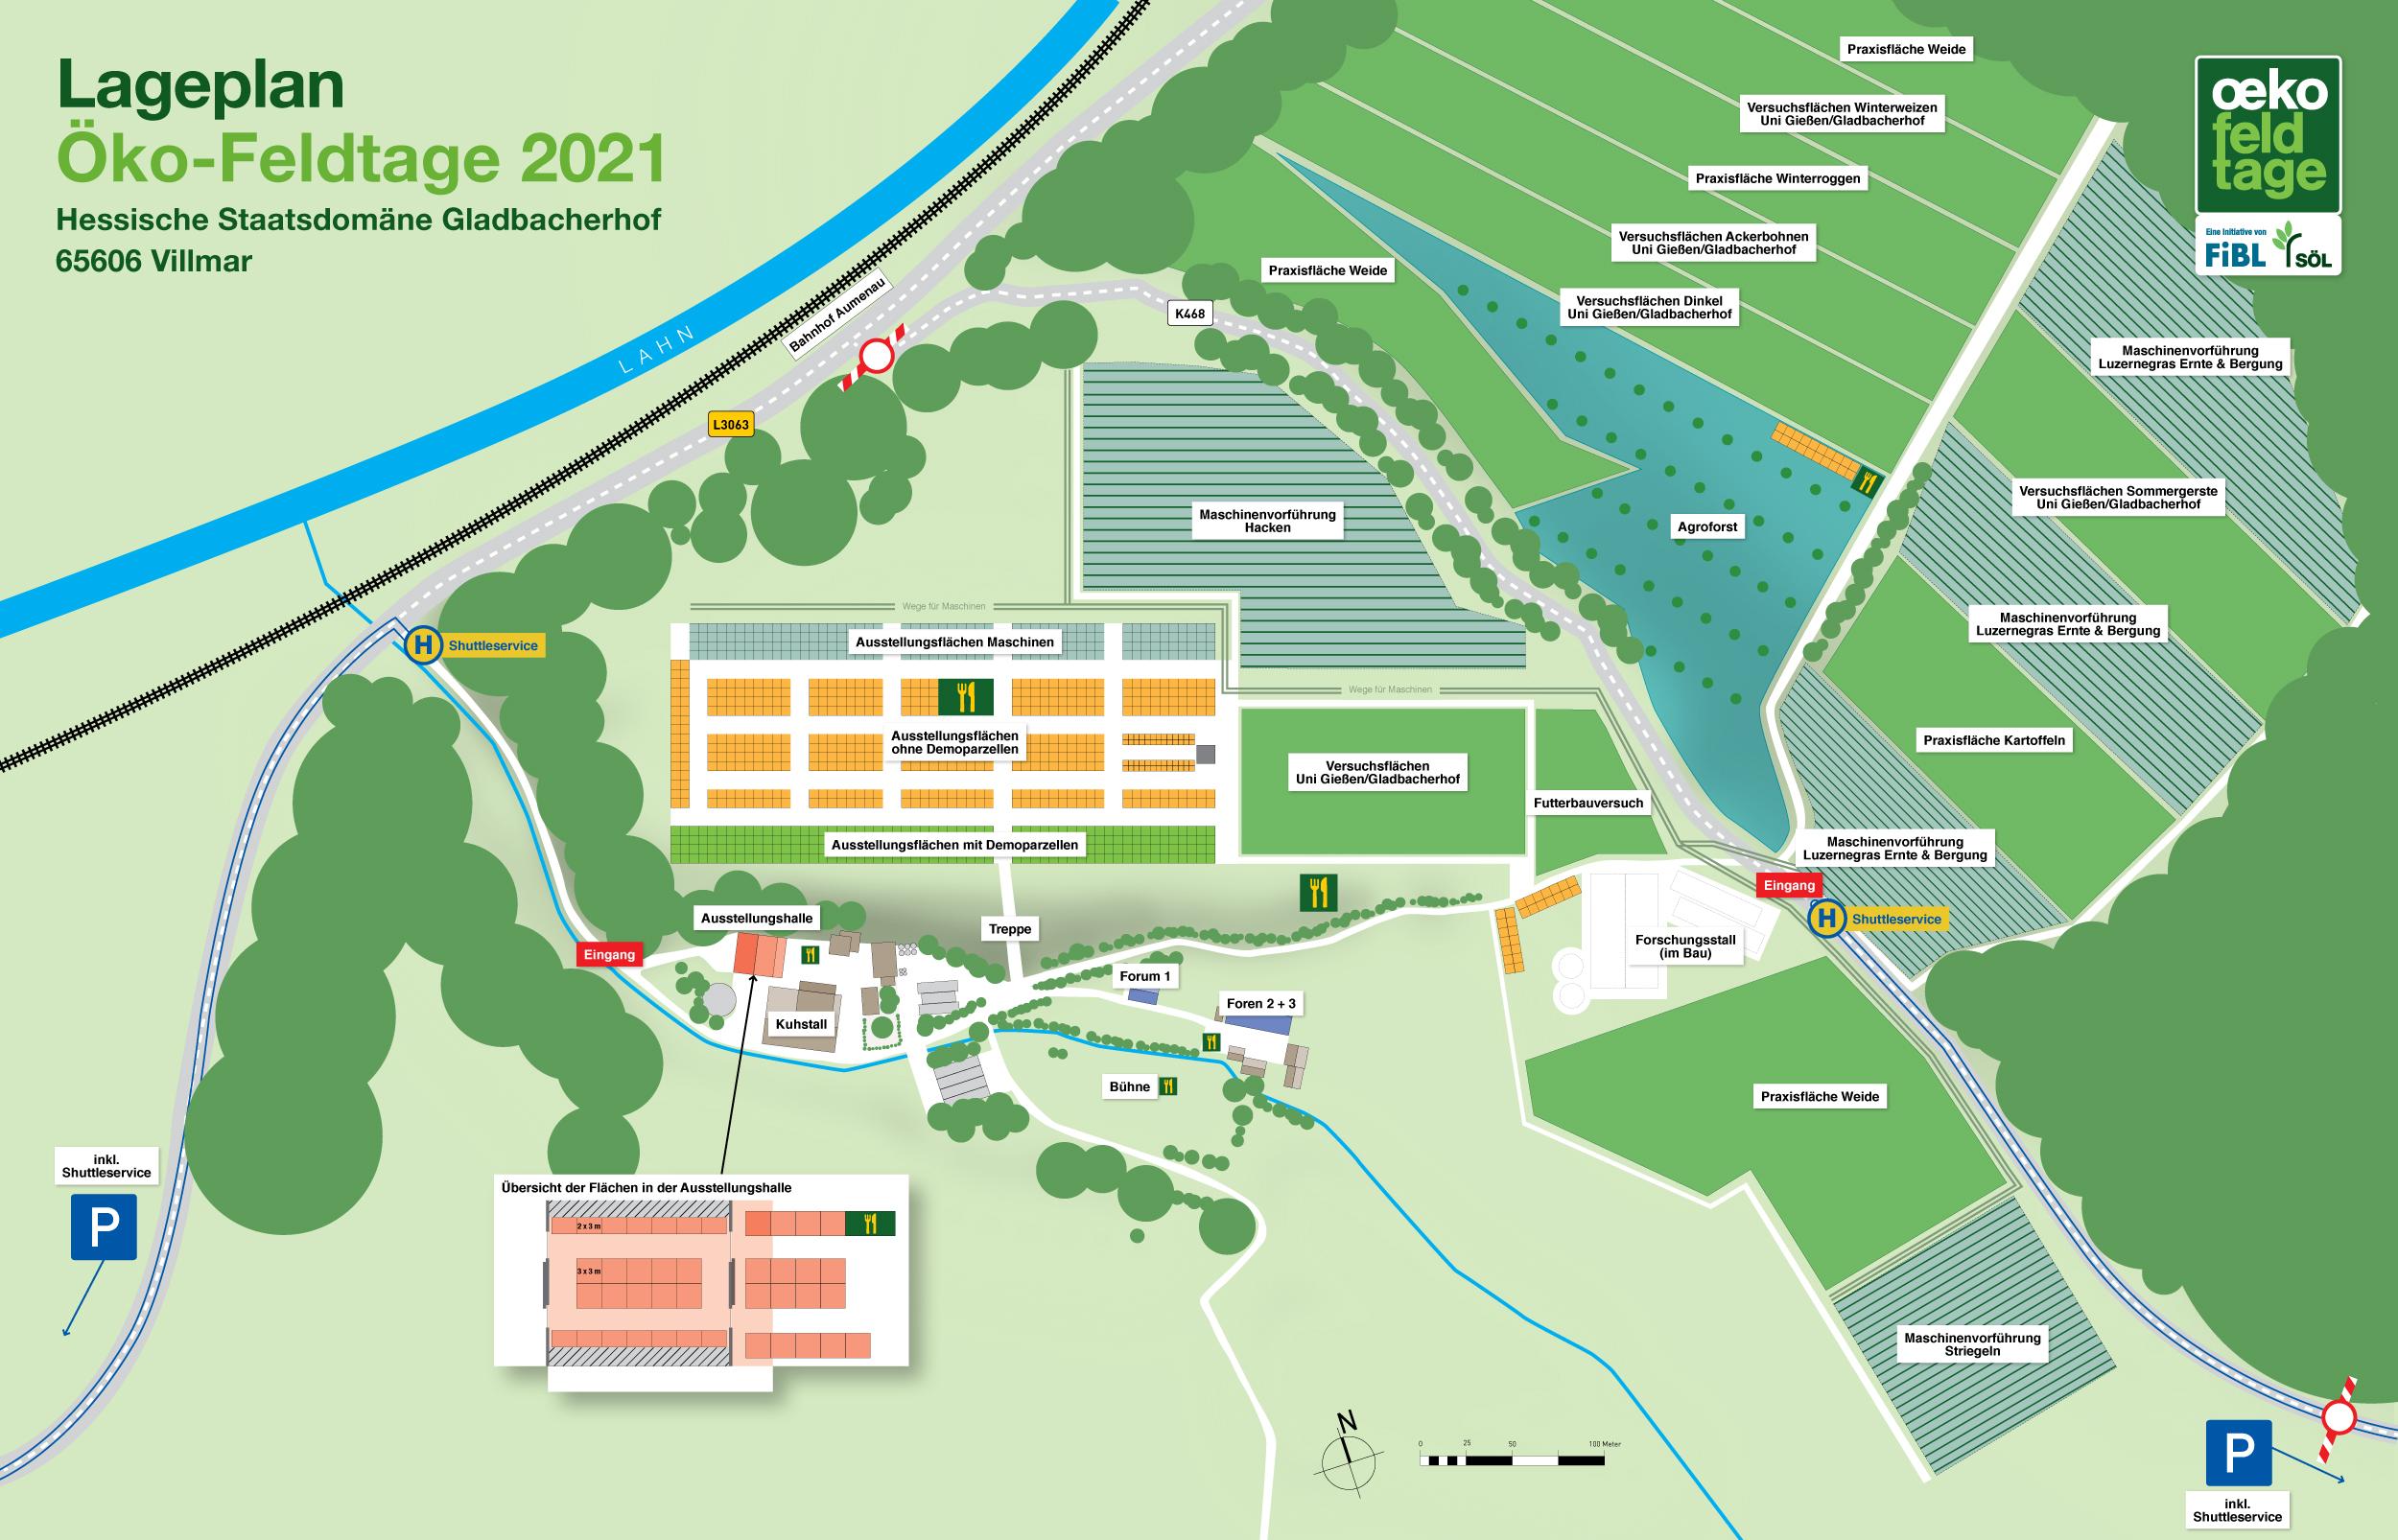 Veranstaltungsgelände Öko-Feldtage 2021